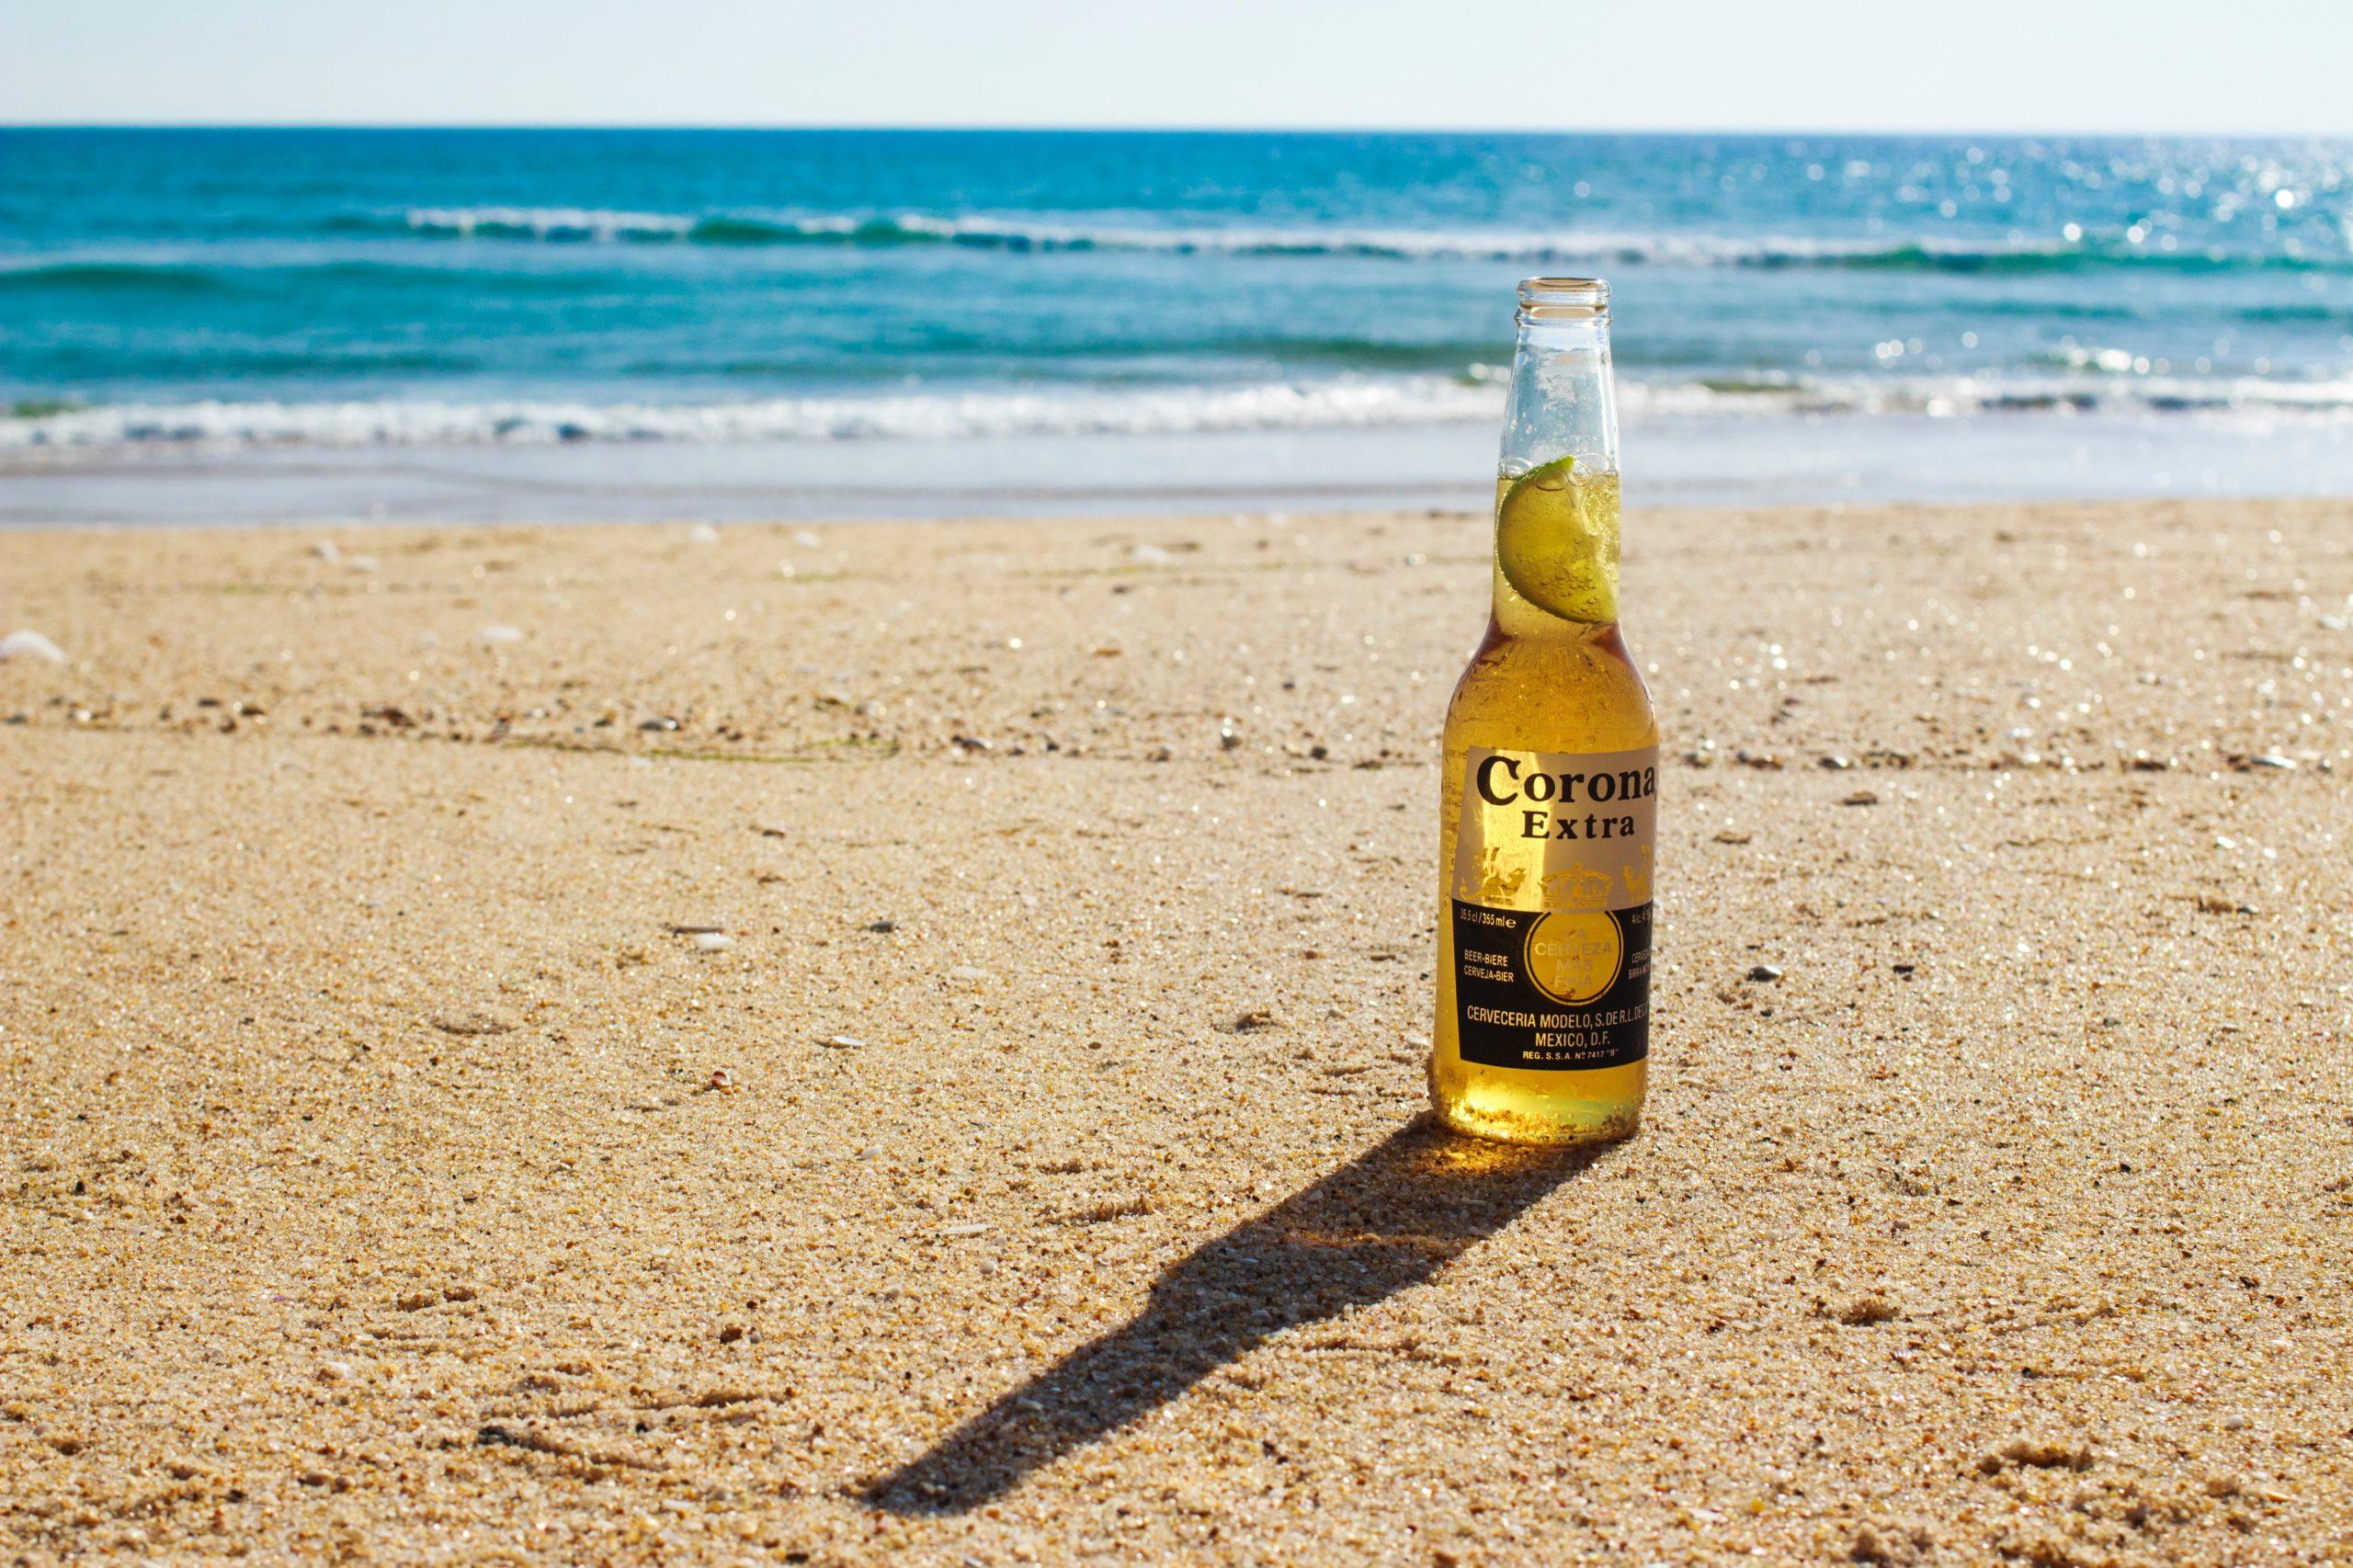 corona bierflasche am strand als zeichen für corona parties